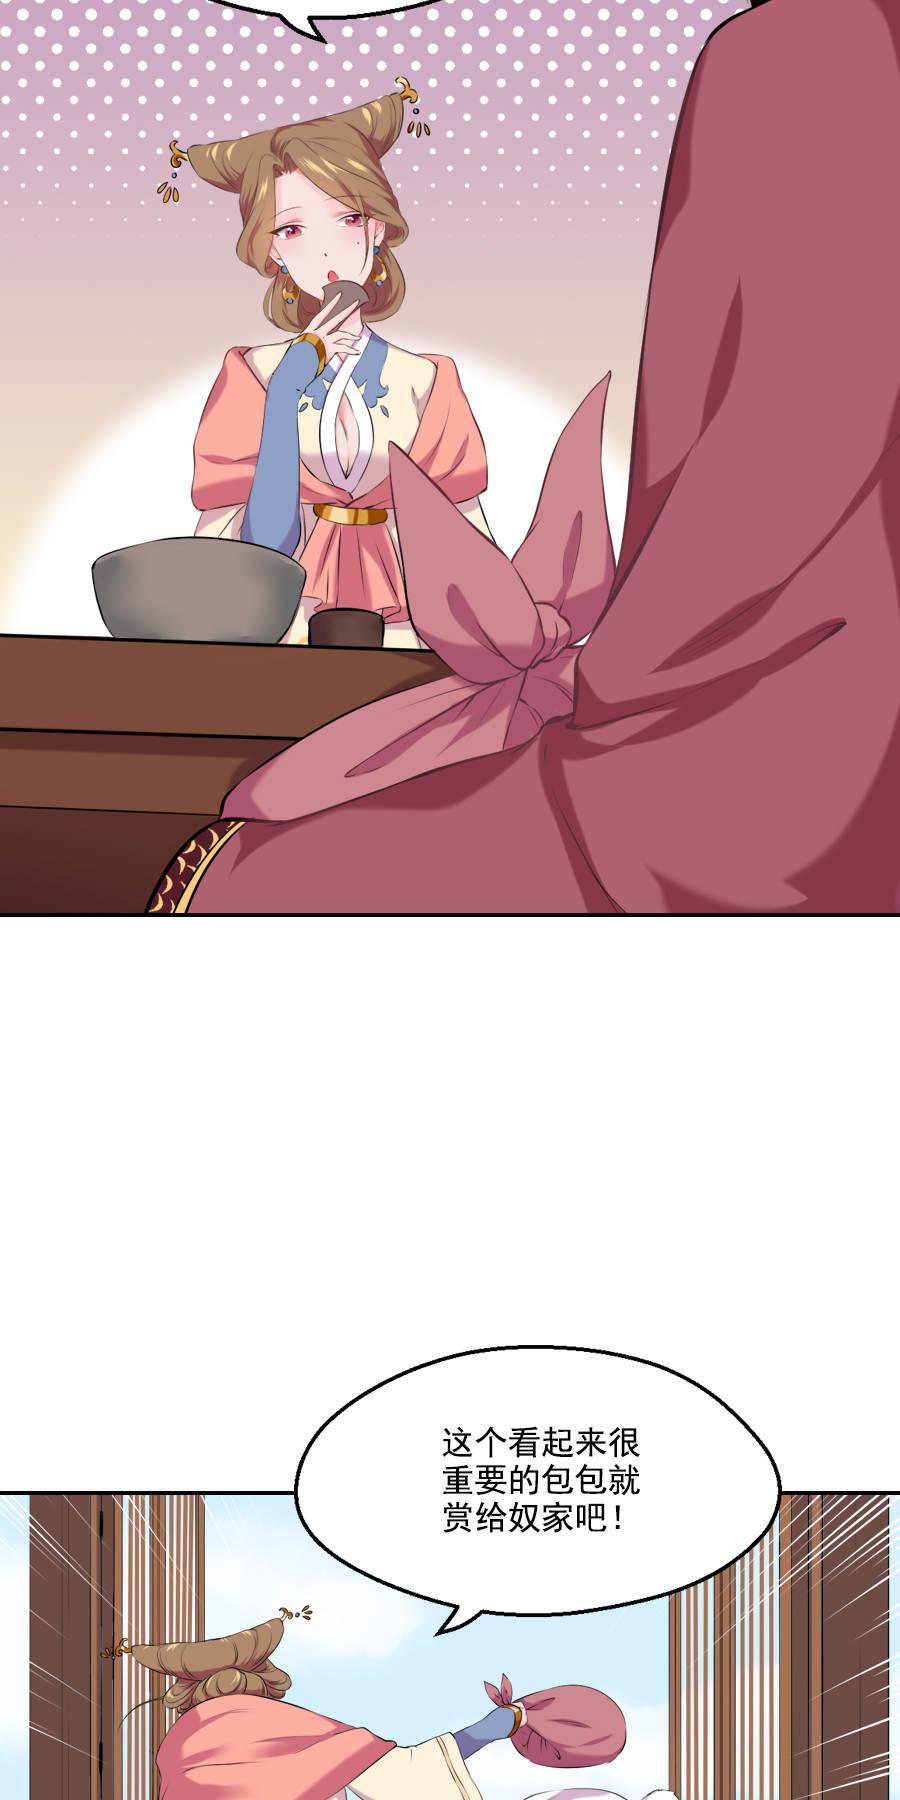 盛世帝王妃第28话  琉璃坊 第 2